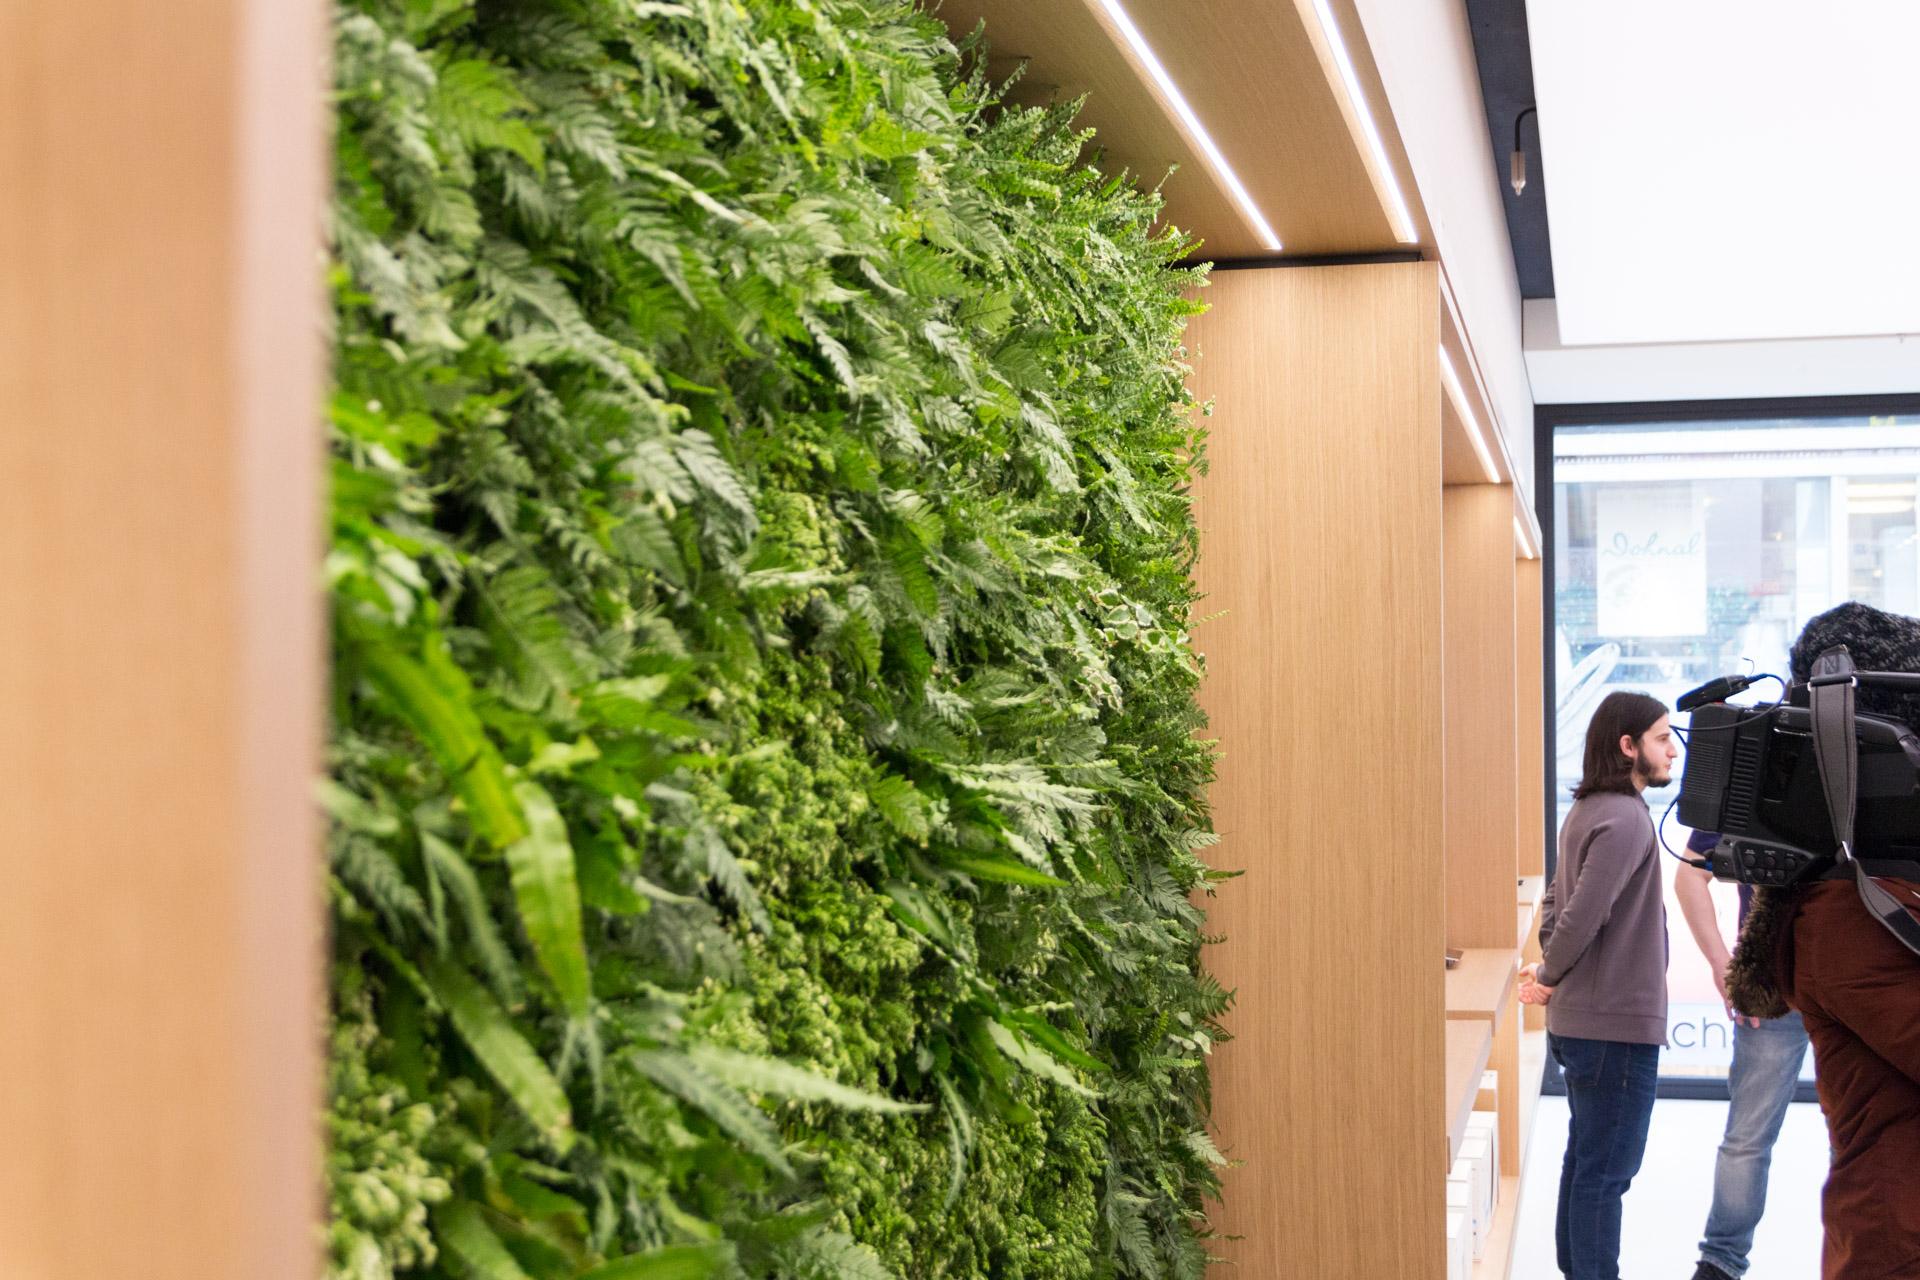 Sitzgelegenheit mit einer Pflanzenwand im Apple Store Kärntnerstraße, Wien, Hack4Life, Fabian Geissler